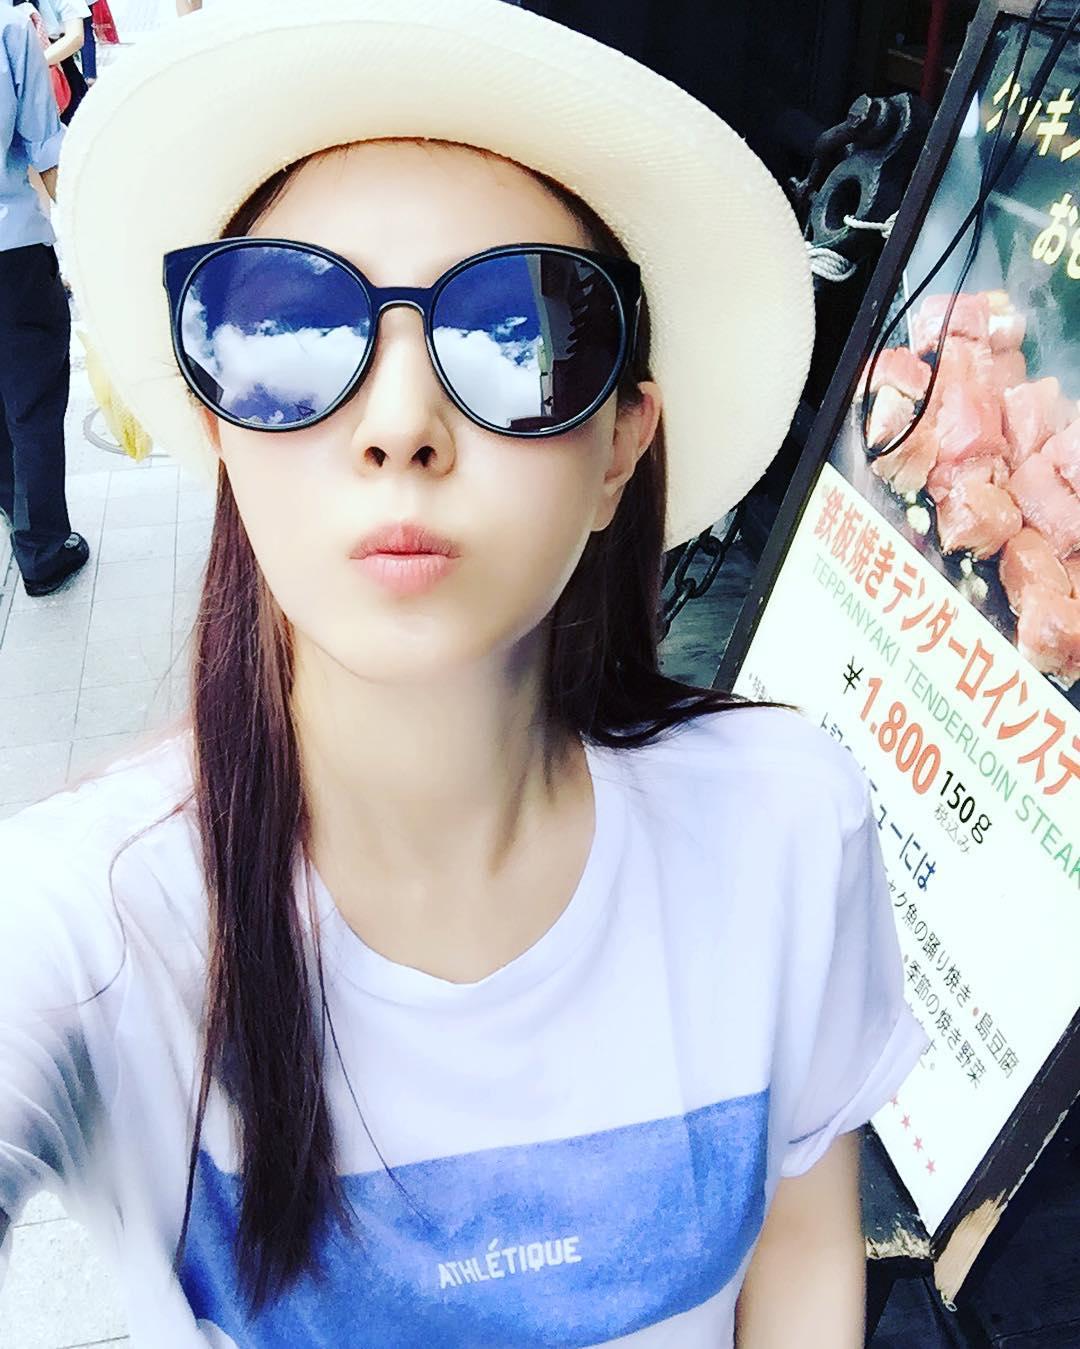 BoA - @https://www.instagram.com/boakwon/